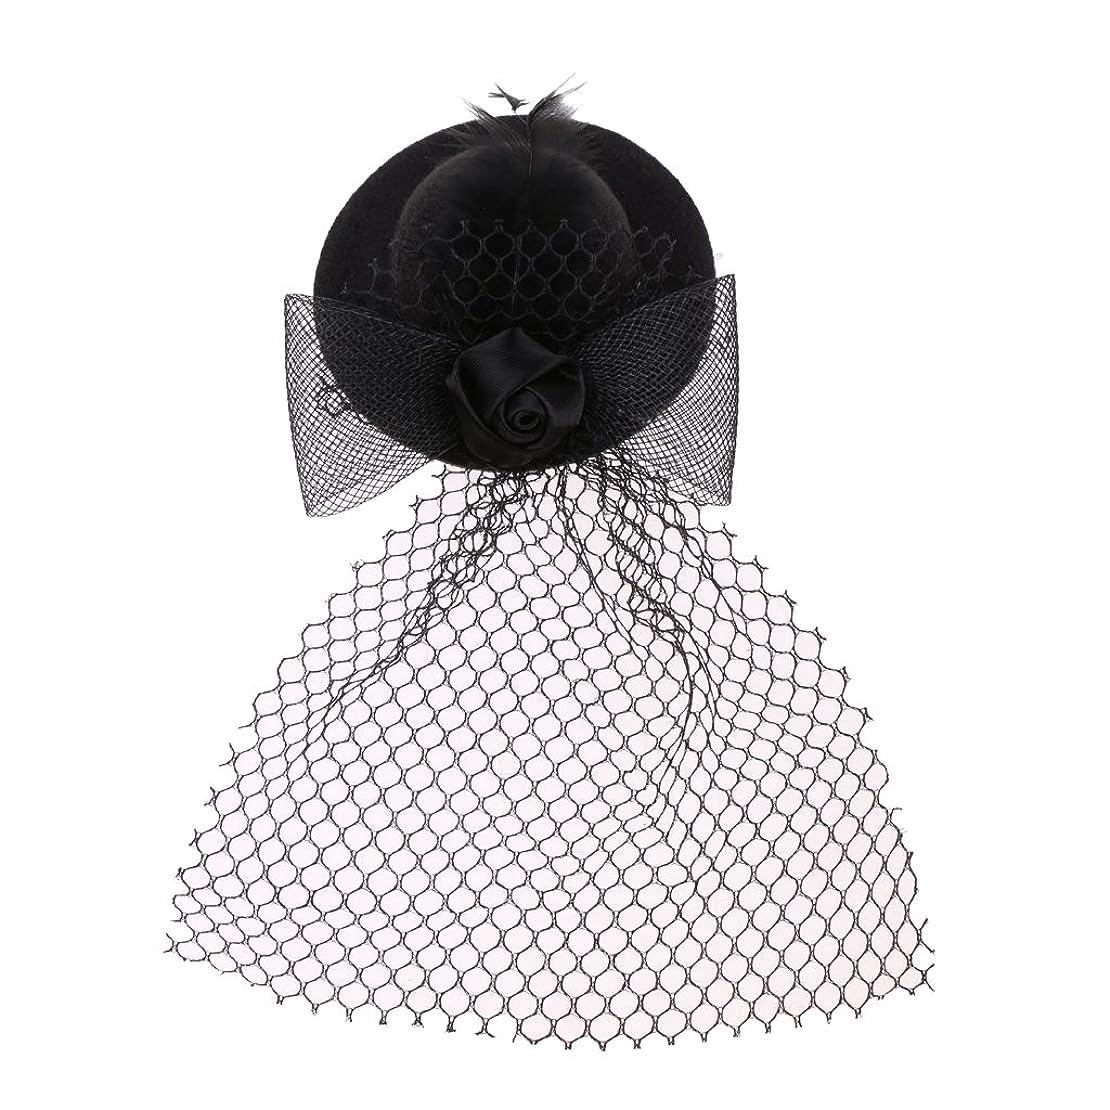 延期するテンポ入るヴィンテージ ラウンドボウラー帽子 キャップ 人形アクセサリー 28-30cmバービードール用